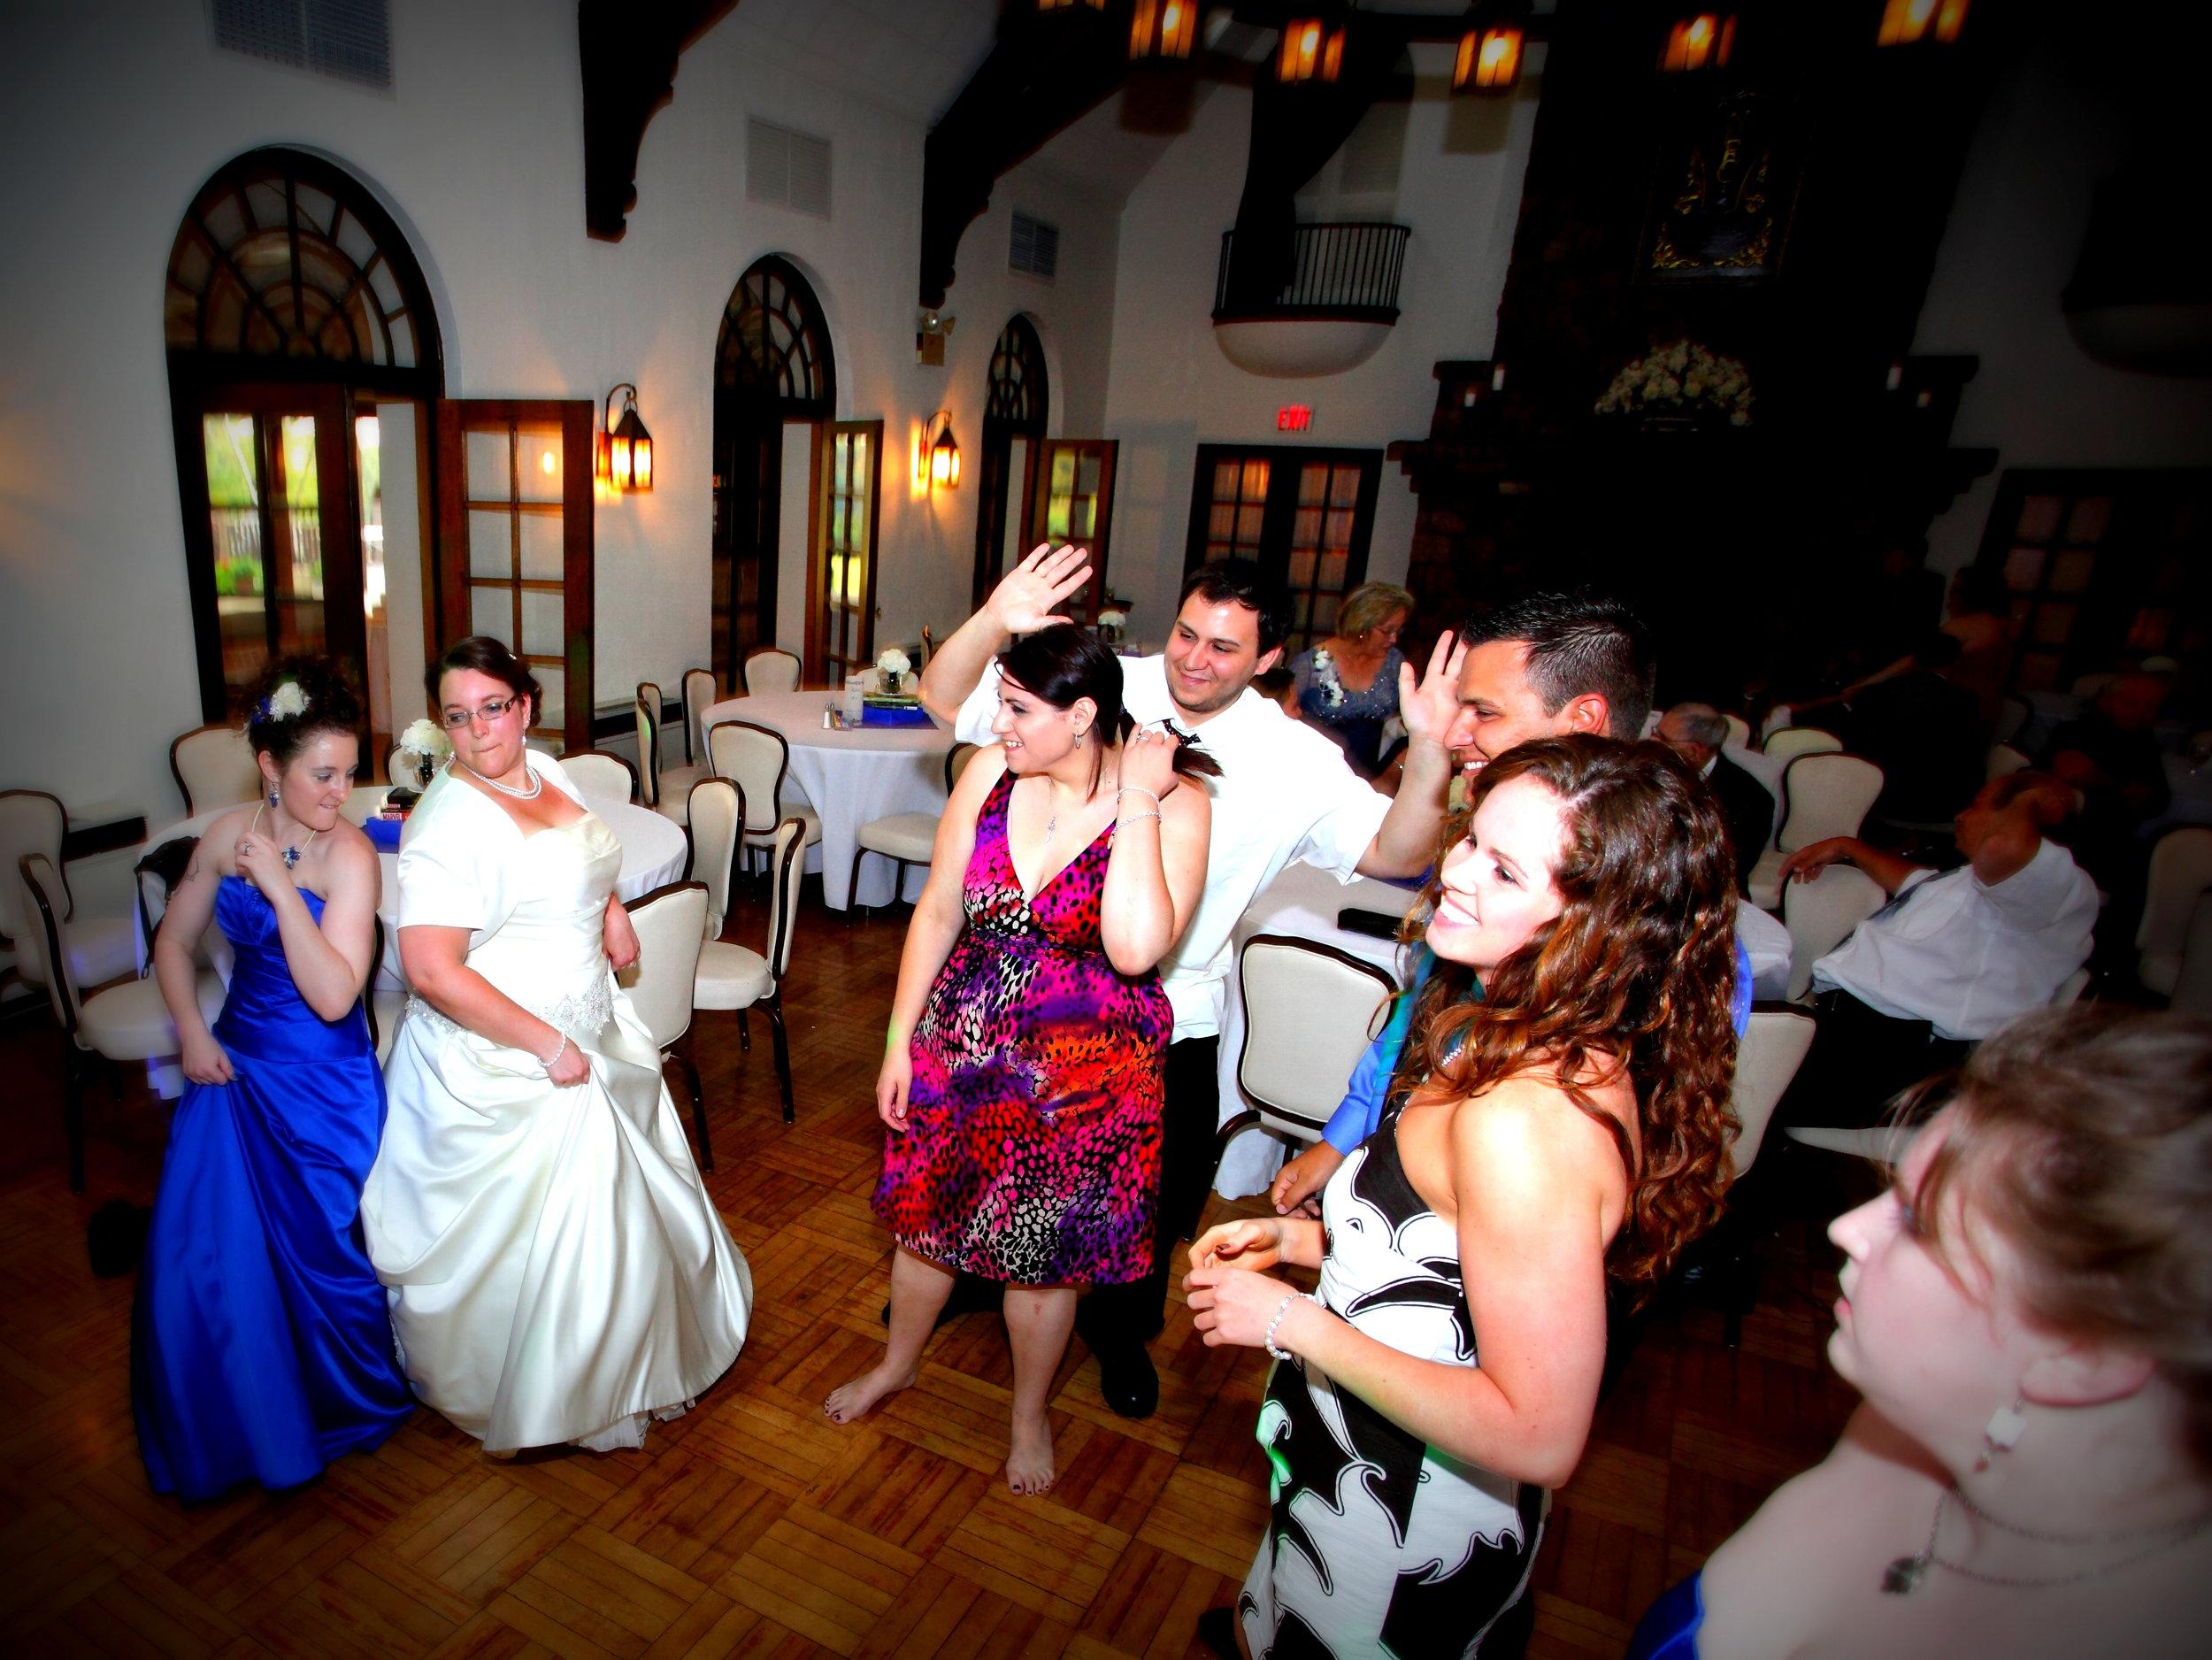 kristen wedding dance edit.jpg